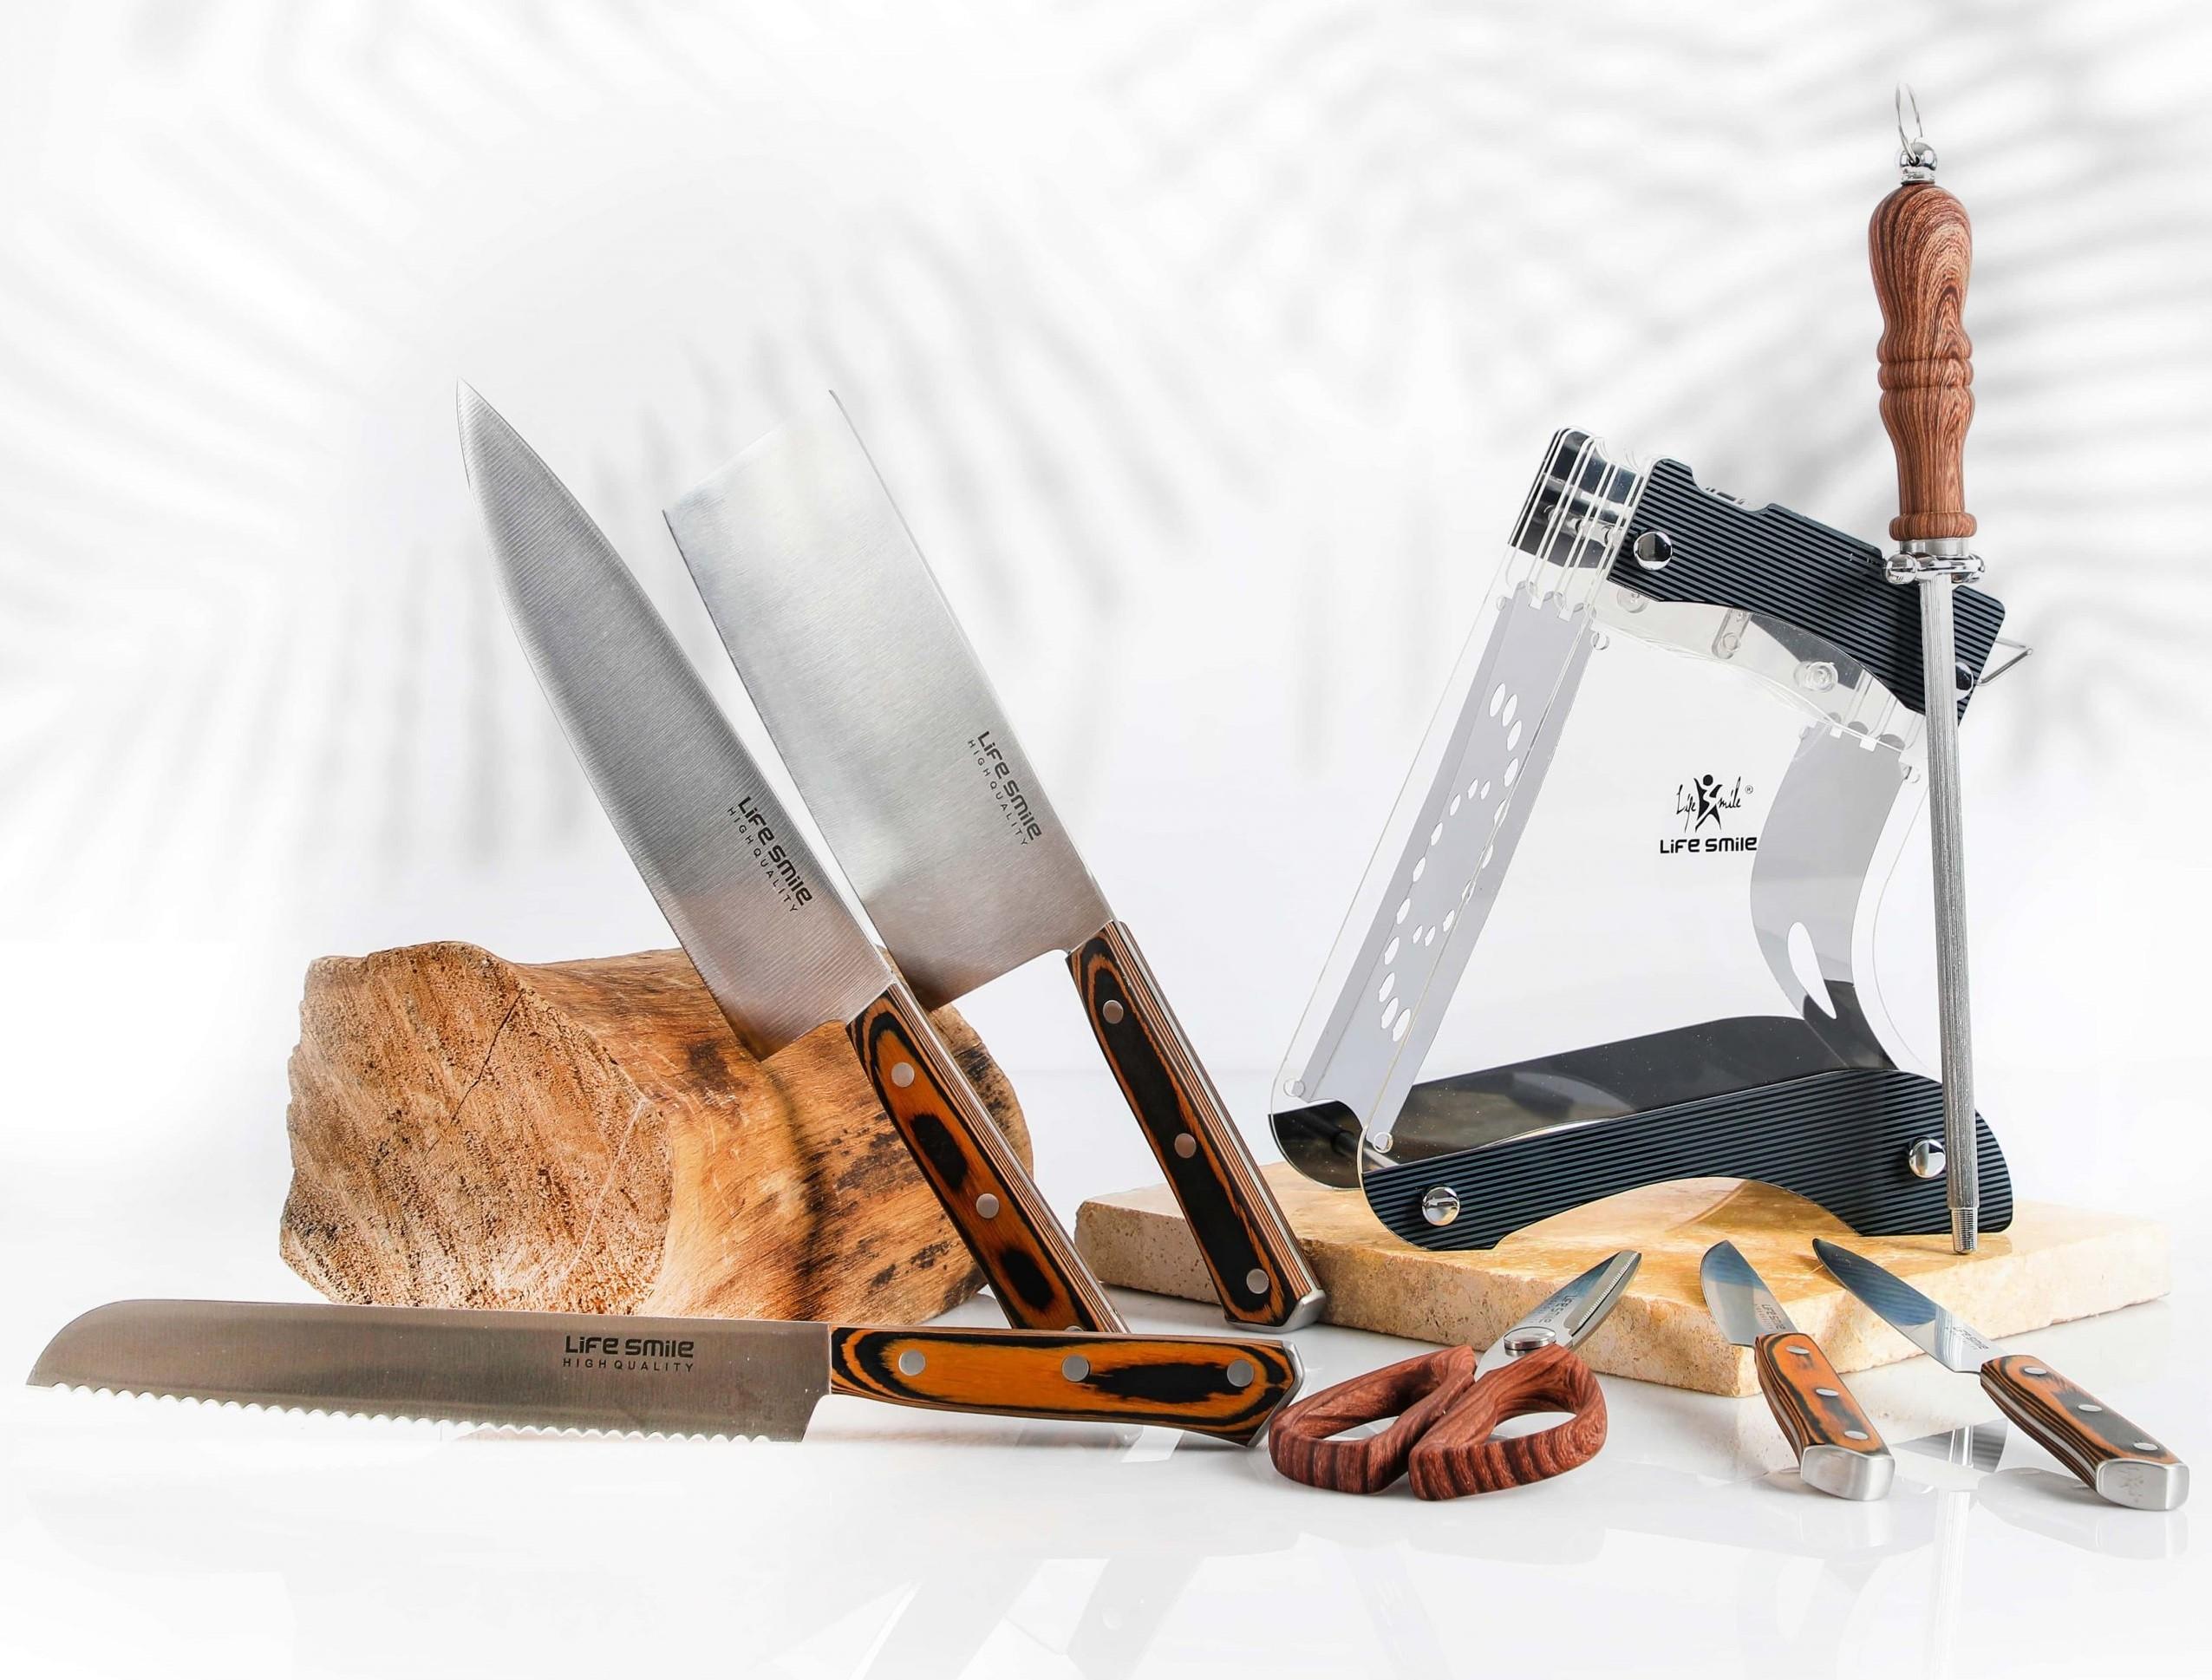 قیمت مشخصات خرید آنلاین بهترین سرویس چاقو اشپزخانه